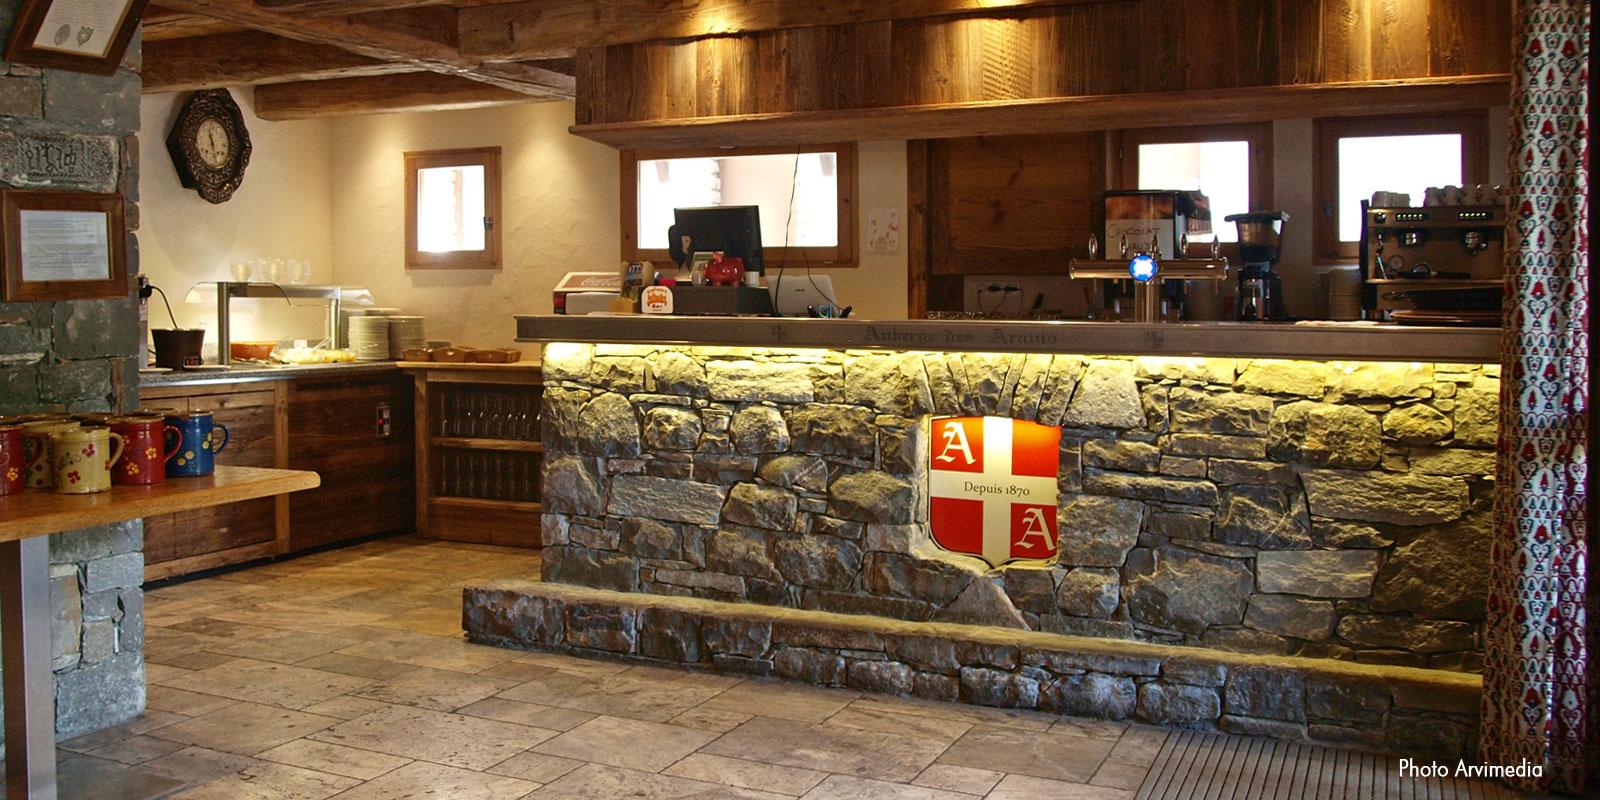 Favori cuisine pierre et bois pu18 aieasyspain for Bar exterieur en pierre